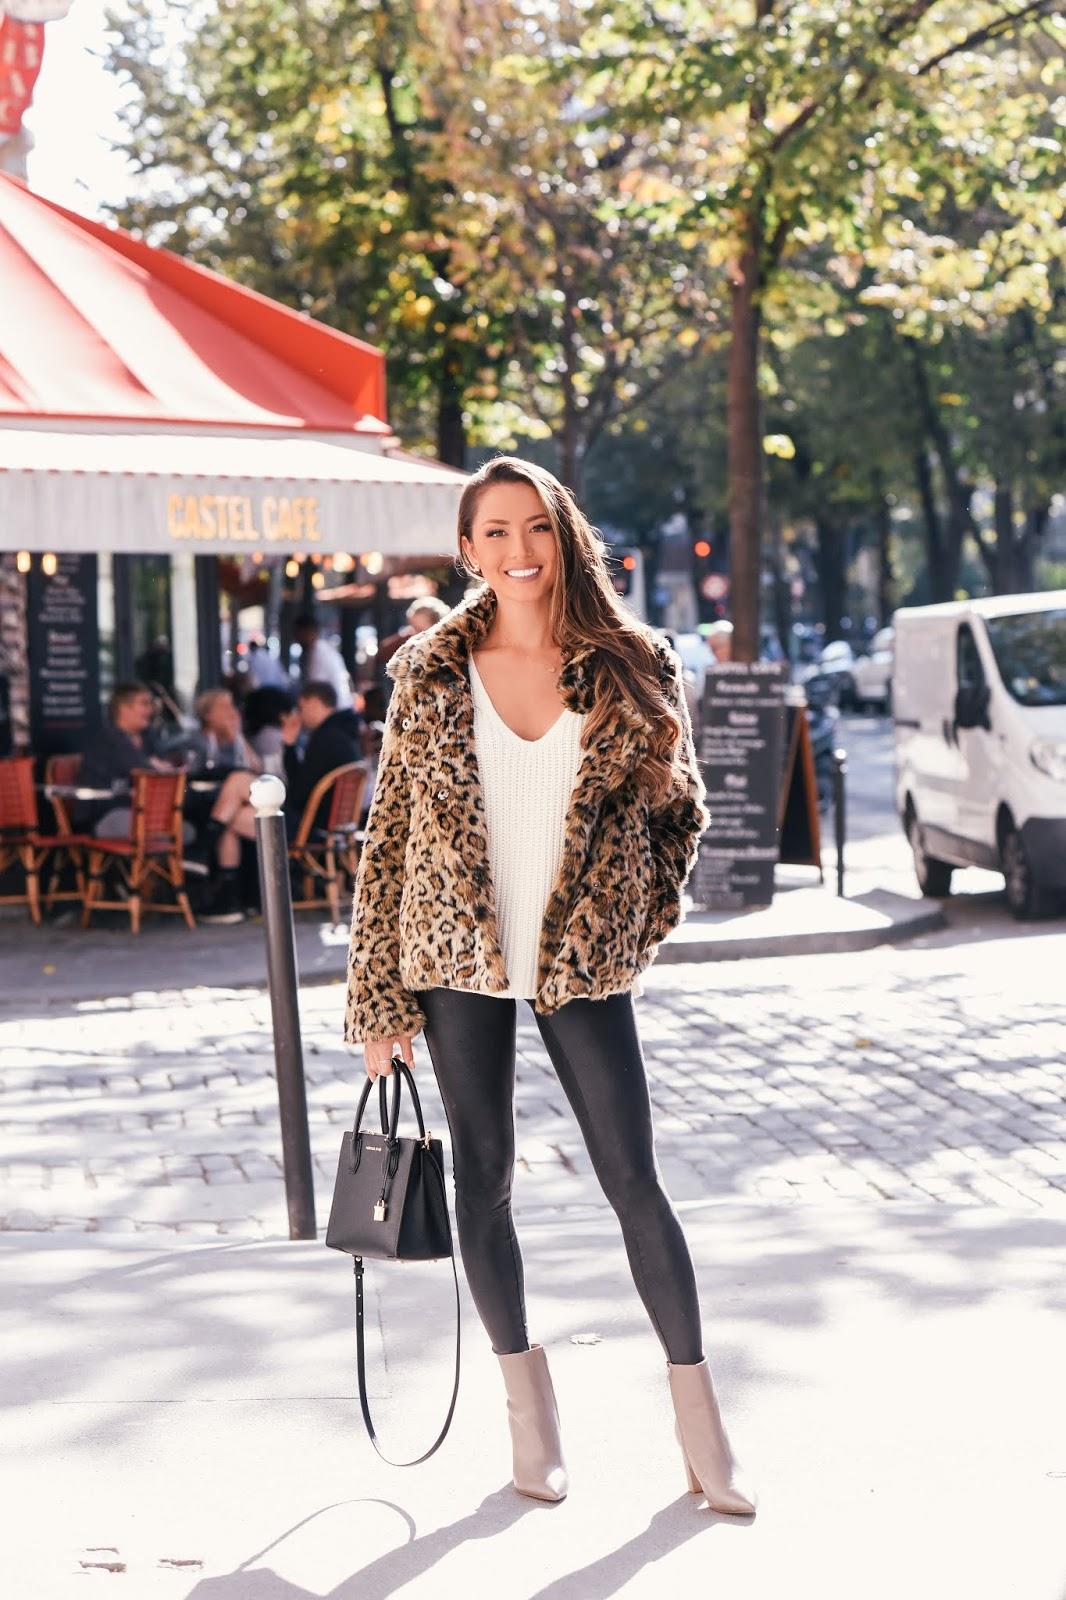 fa91b5ed6c0 Hapa Time - New fashion